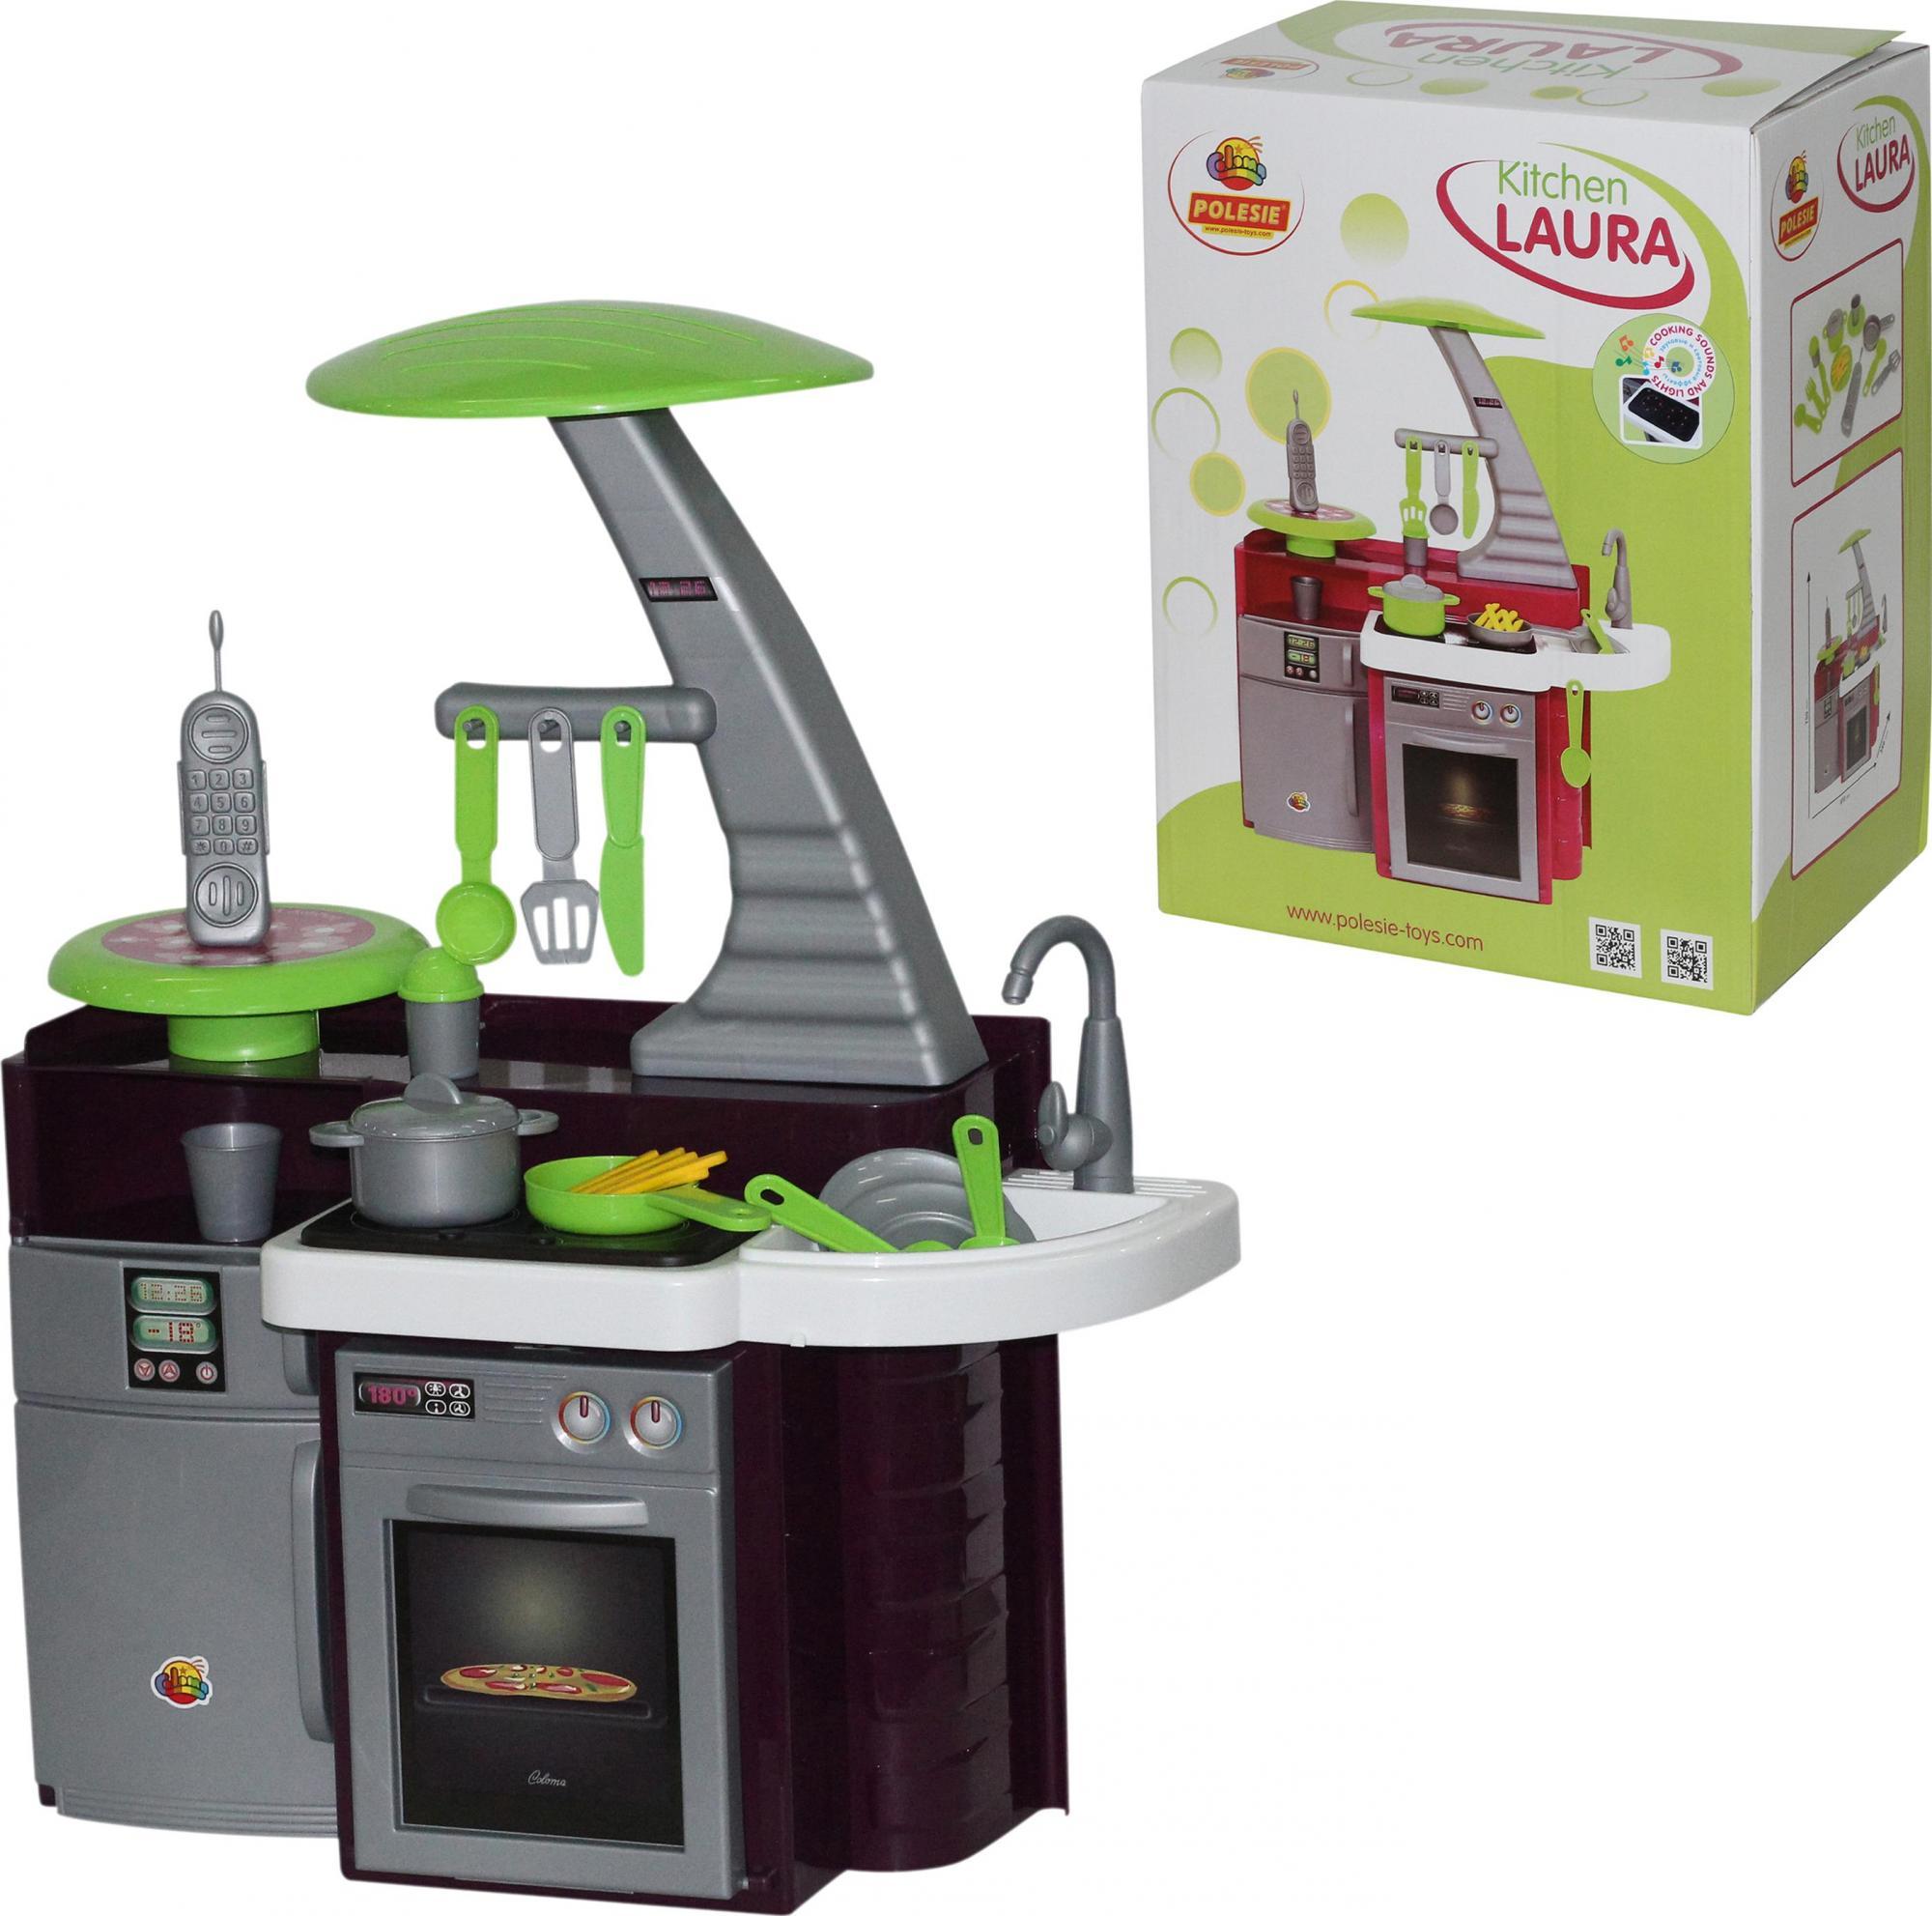 Купить Игровая кухня Laura с варочной панелью, в коробке, Полесье